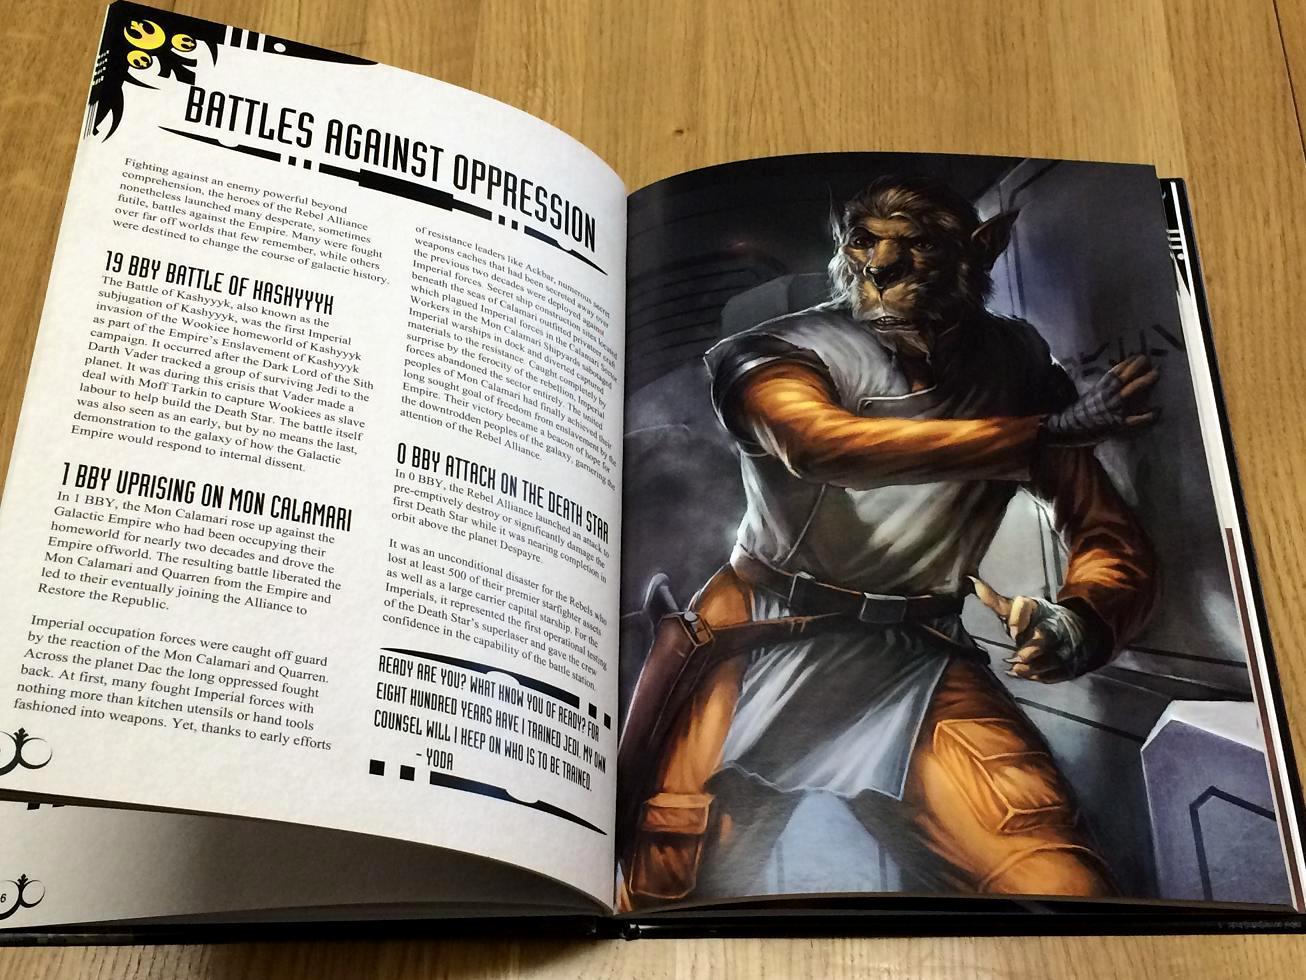 Alliance, Codex, Empire, Rebellion, Rebels, Star Wars